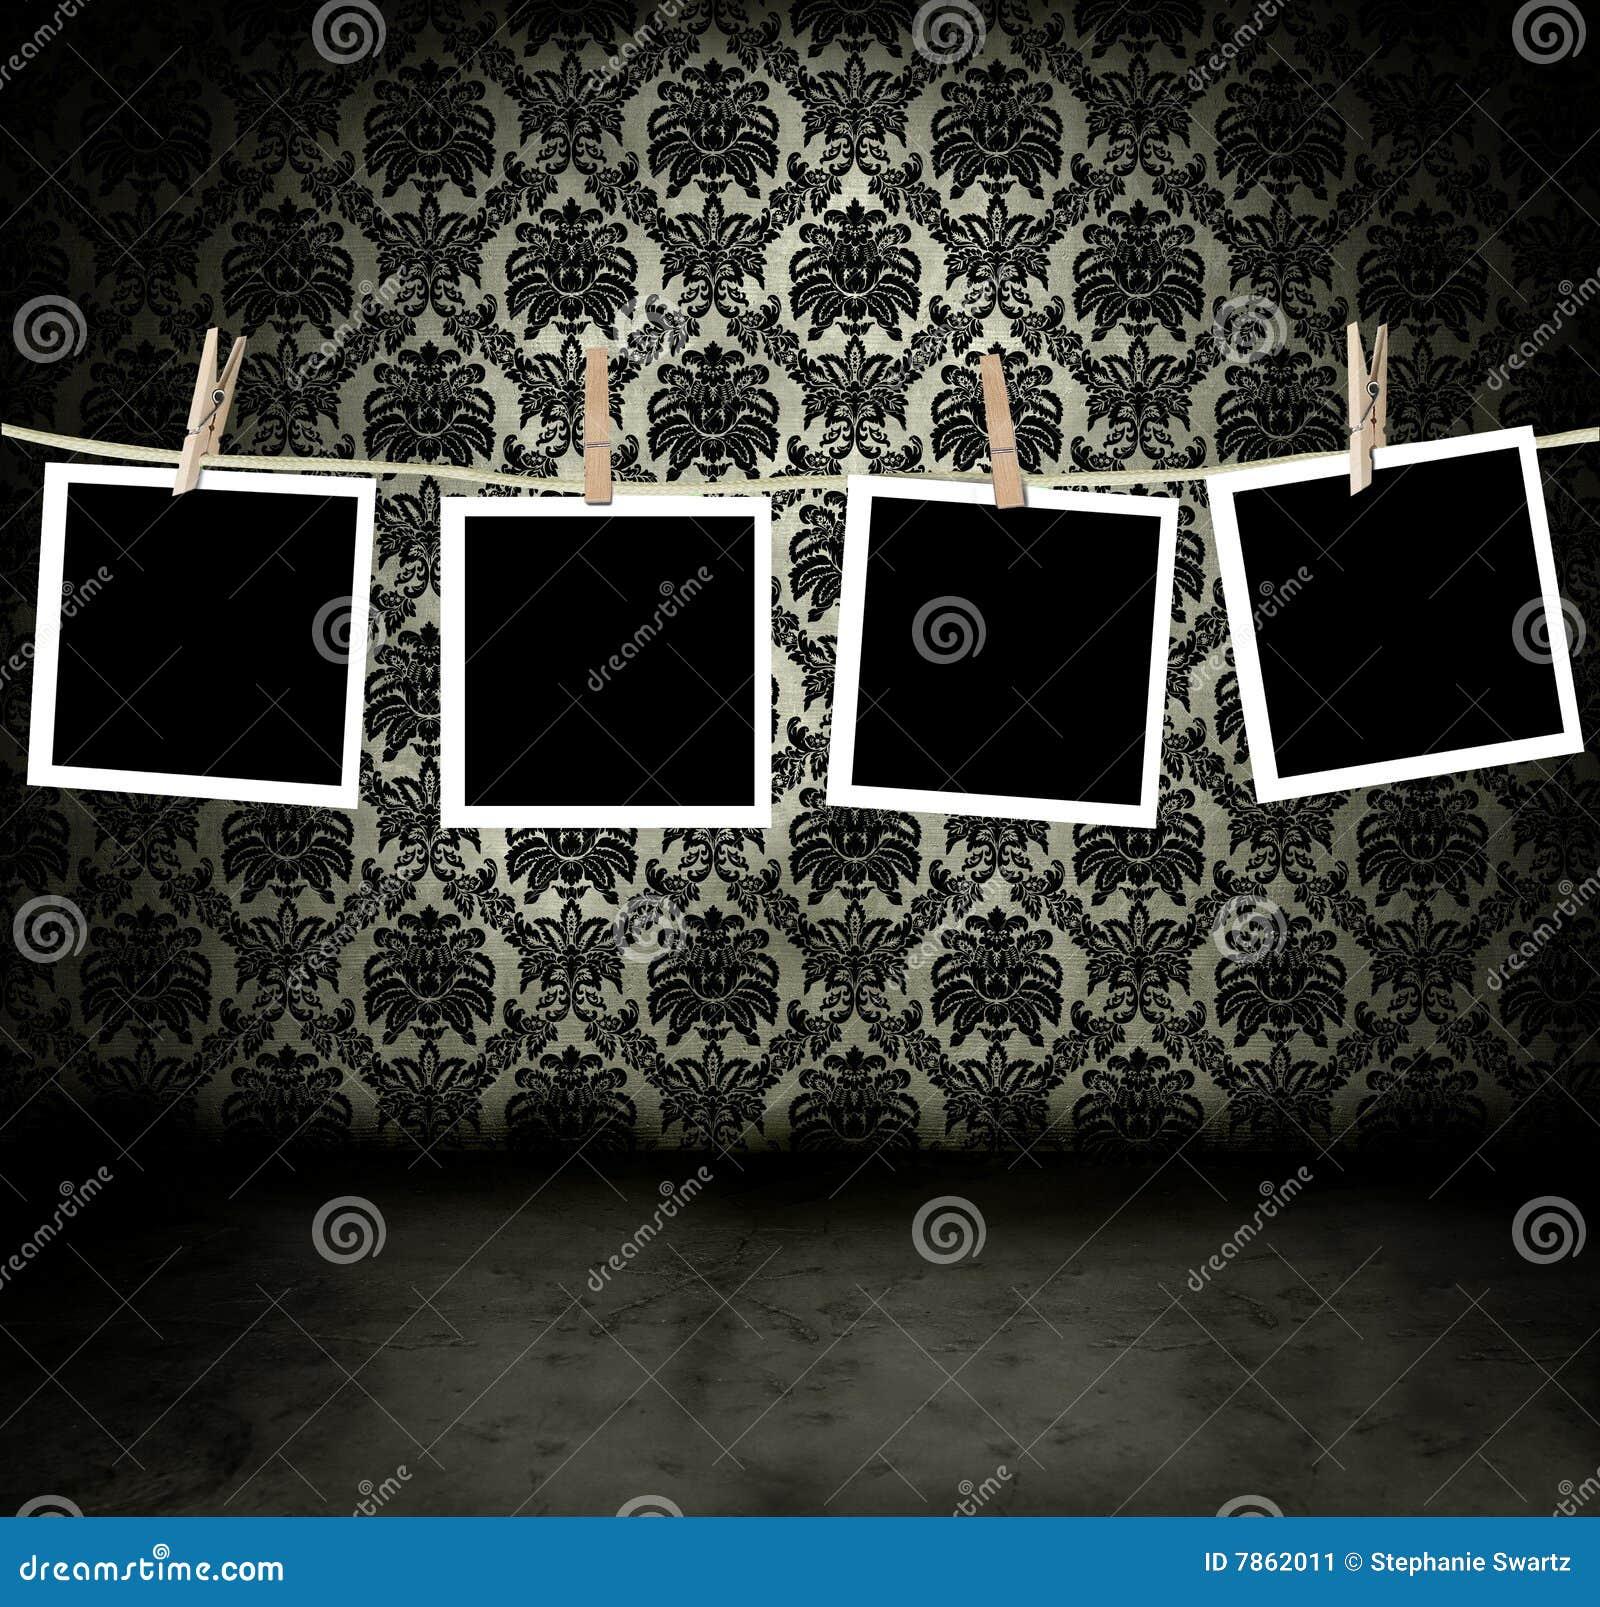 Fotos Que Cuelgan En Un Cuarto Oscuro Stock de ilustración ...